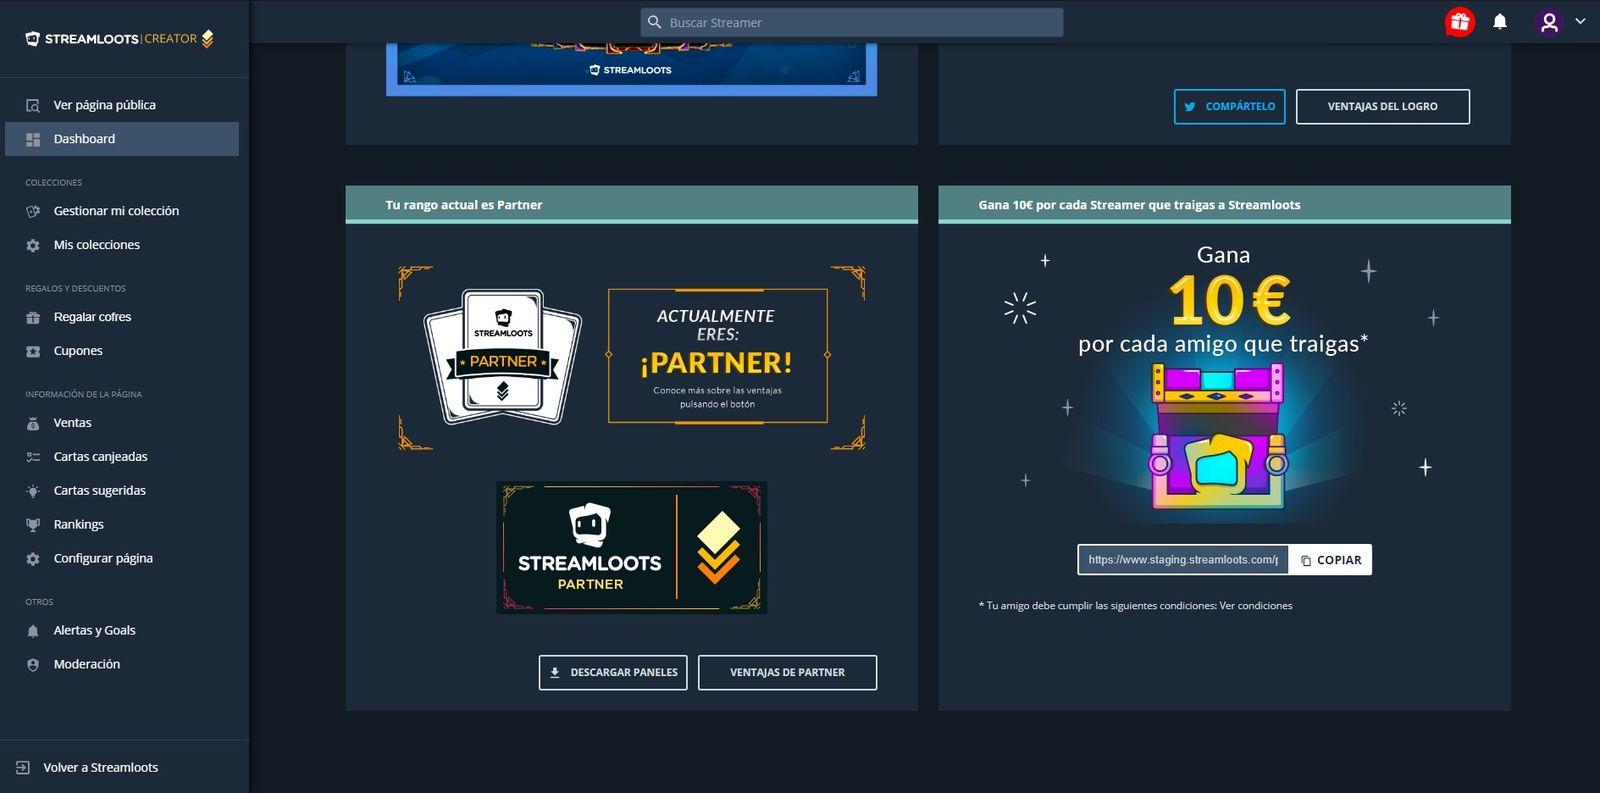 Cómo se ve el dashboard del rango Partner